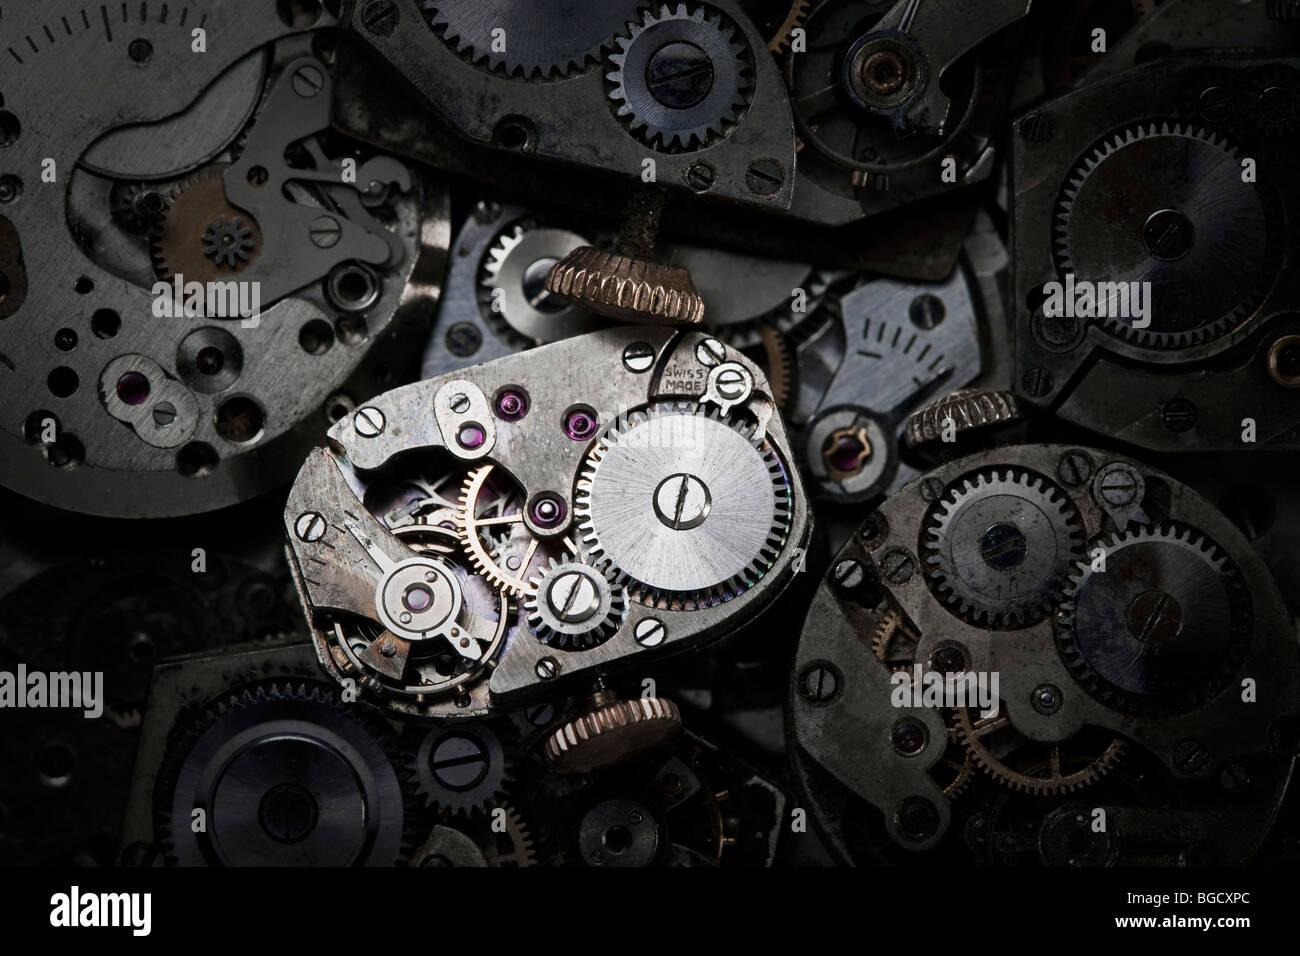 Nahaufnahme der antiken Uhrwerk. Dies ist eine extreme Nahaufnahme von altes Uhrwerk, so gibt es einige Staub sichtbar. Stockbild